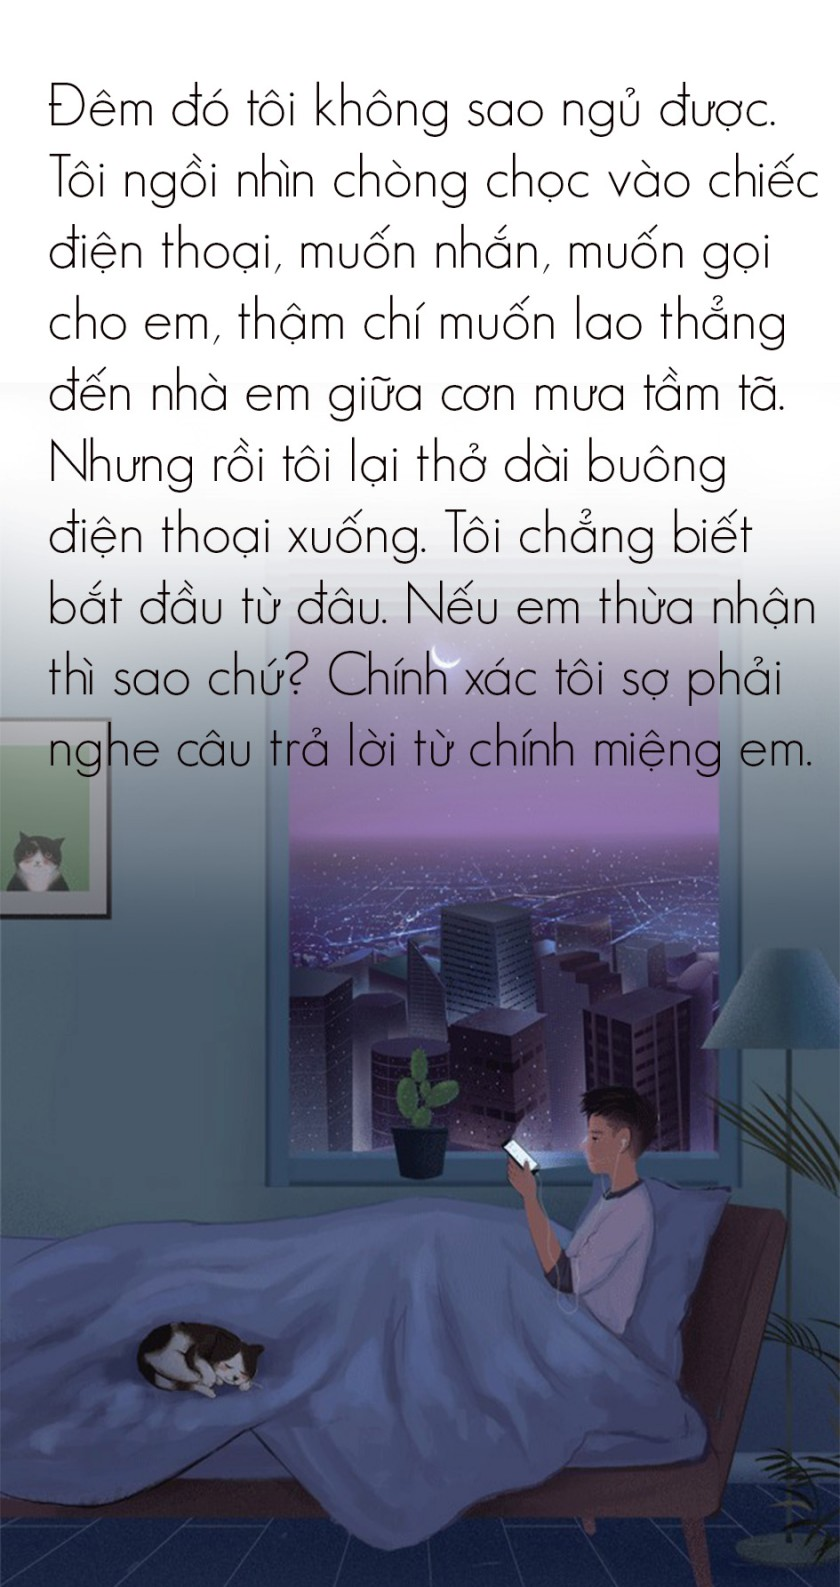 co-chac-yeu-7